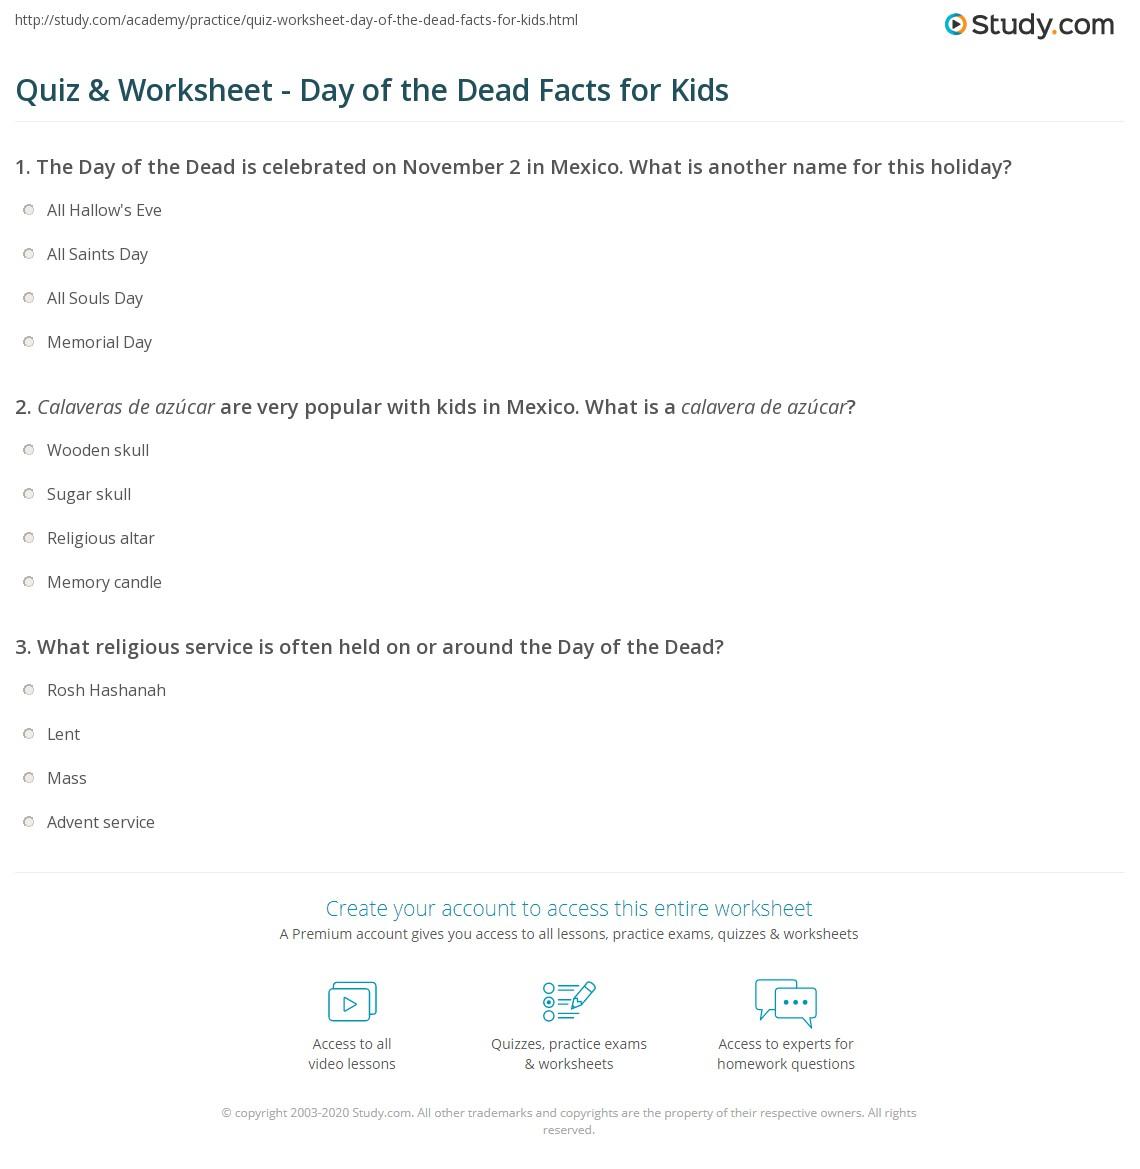 Quiz W Ksheet D Y Of De D F Cts Kids Study